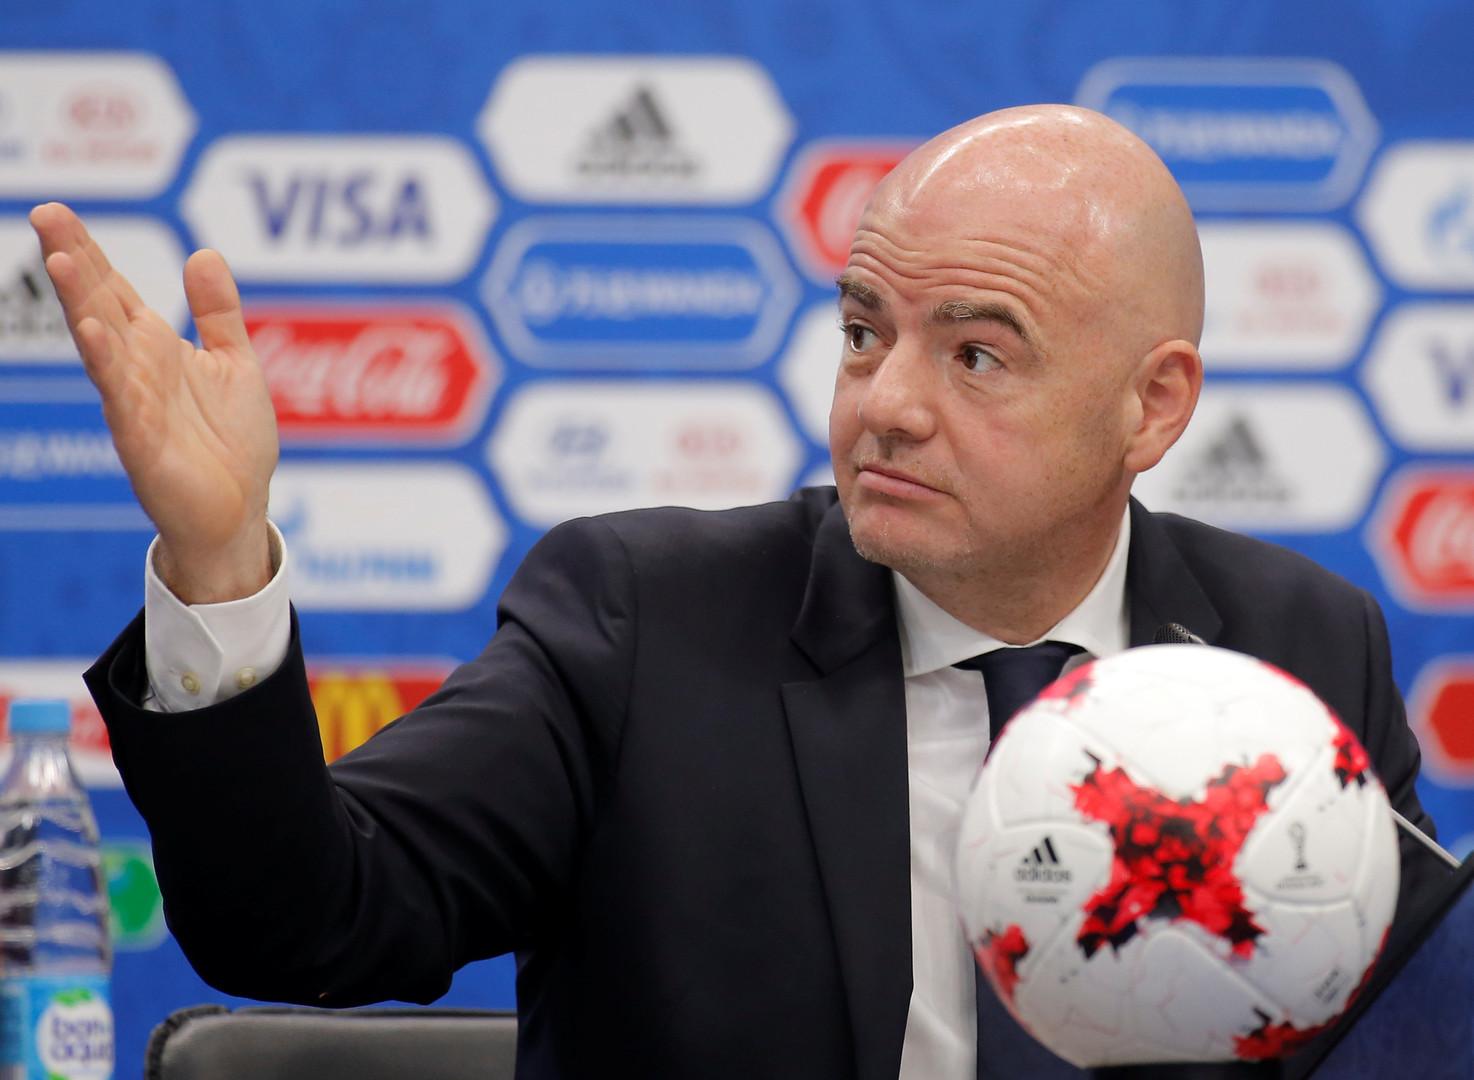 «Очень важно познакомить гостей с Россией»: президент ФИФА о подготовке к мундиалю